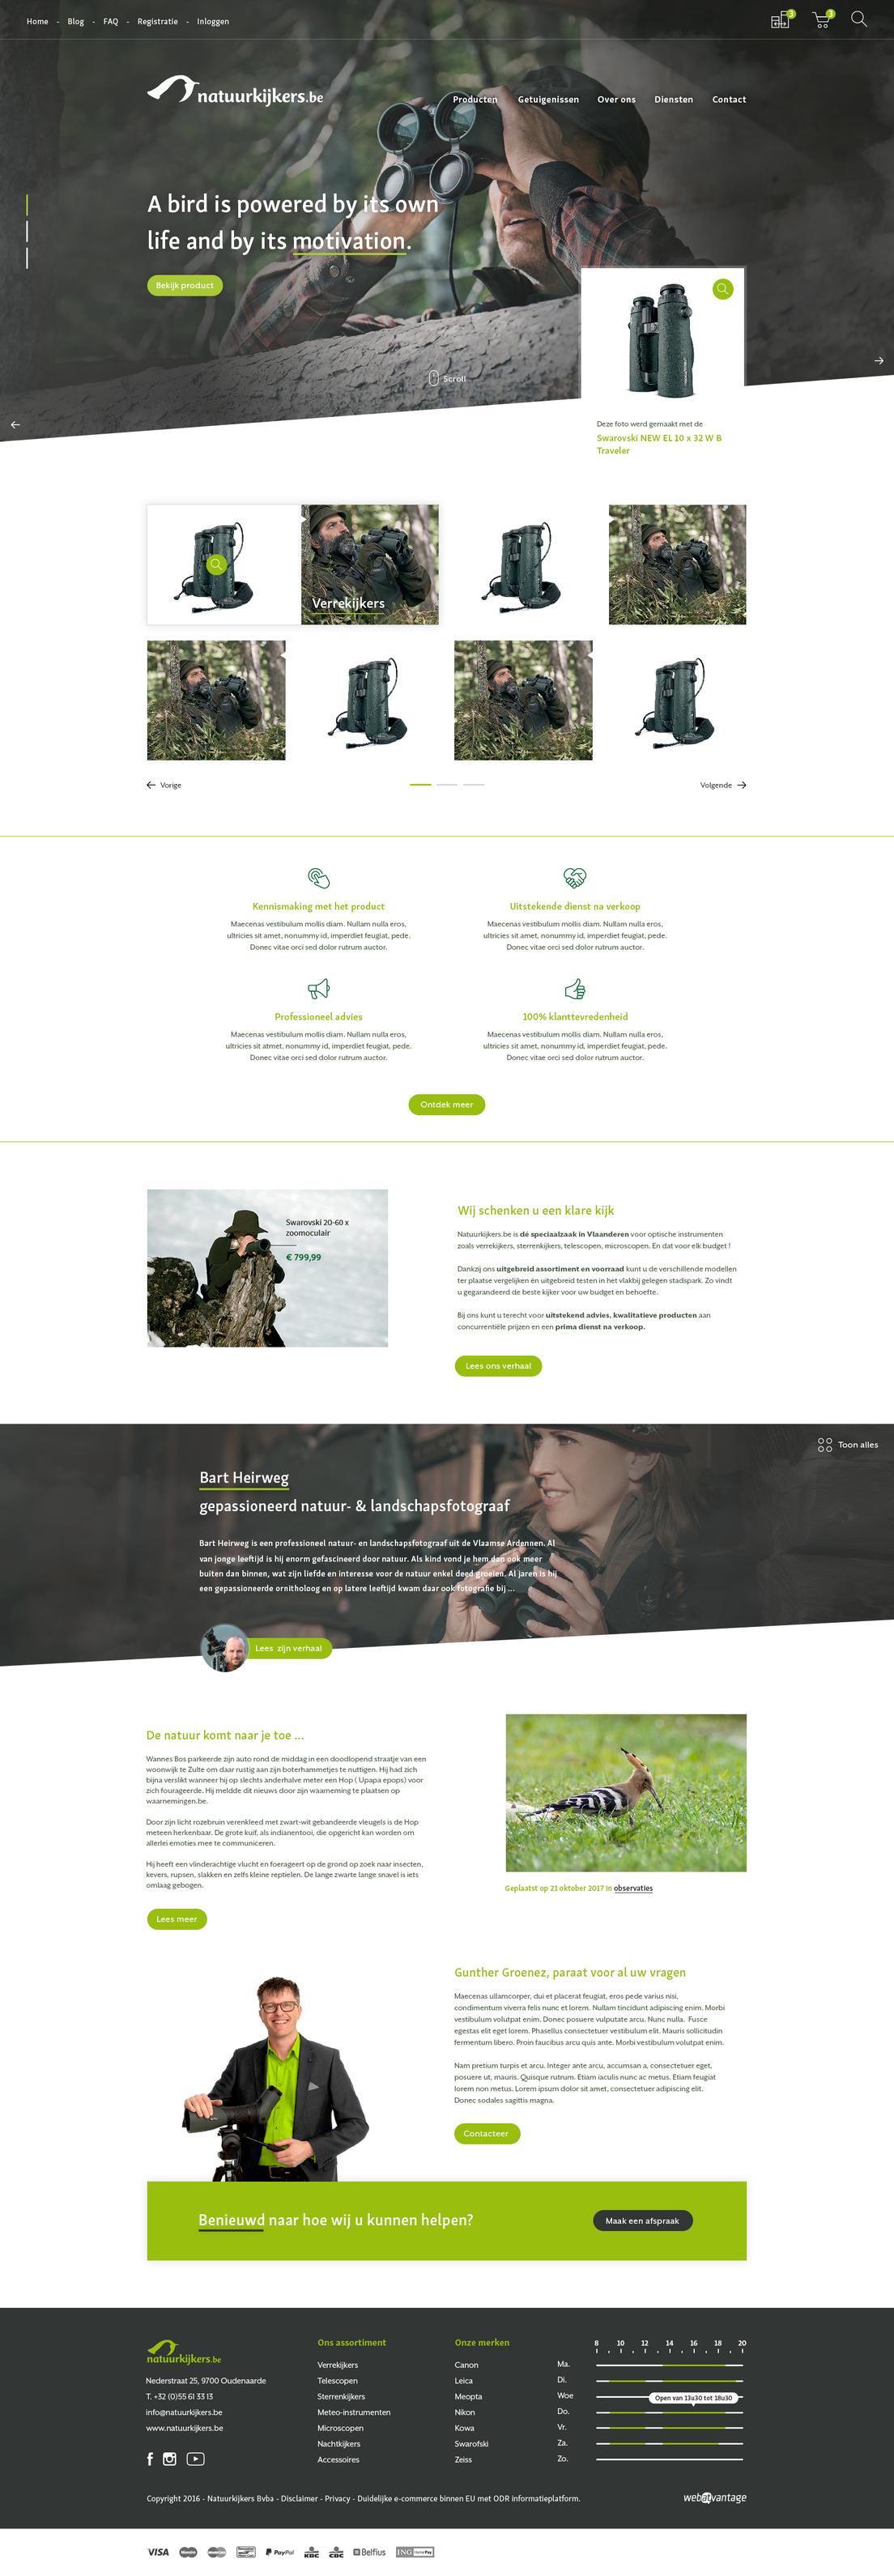 Webatvantage showcase - Project Natuurkijkres - Website